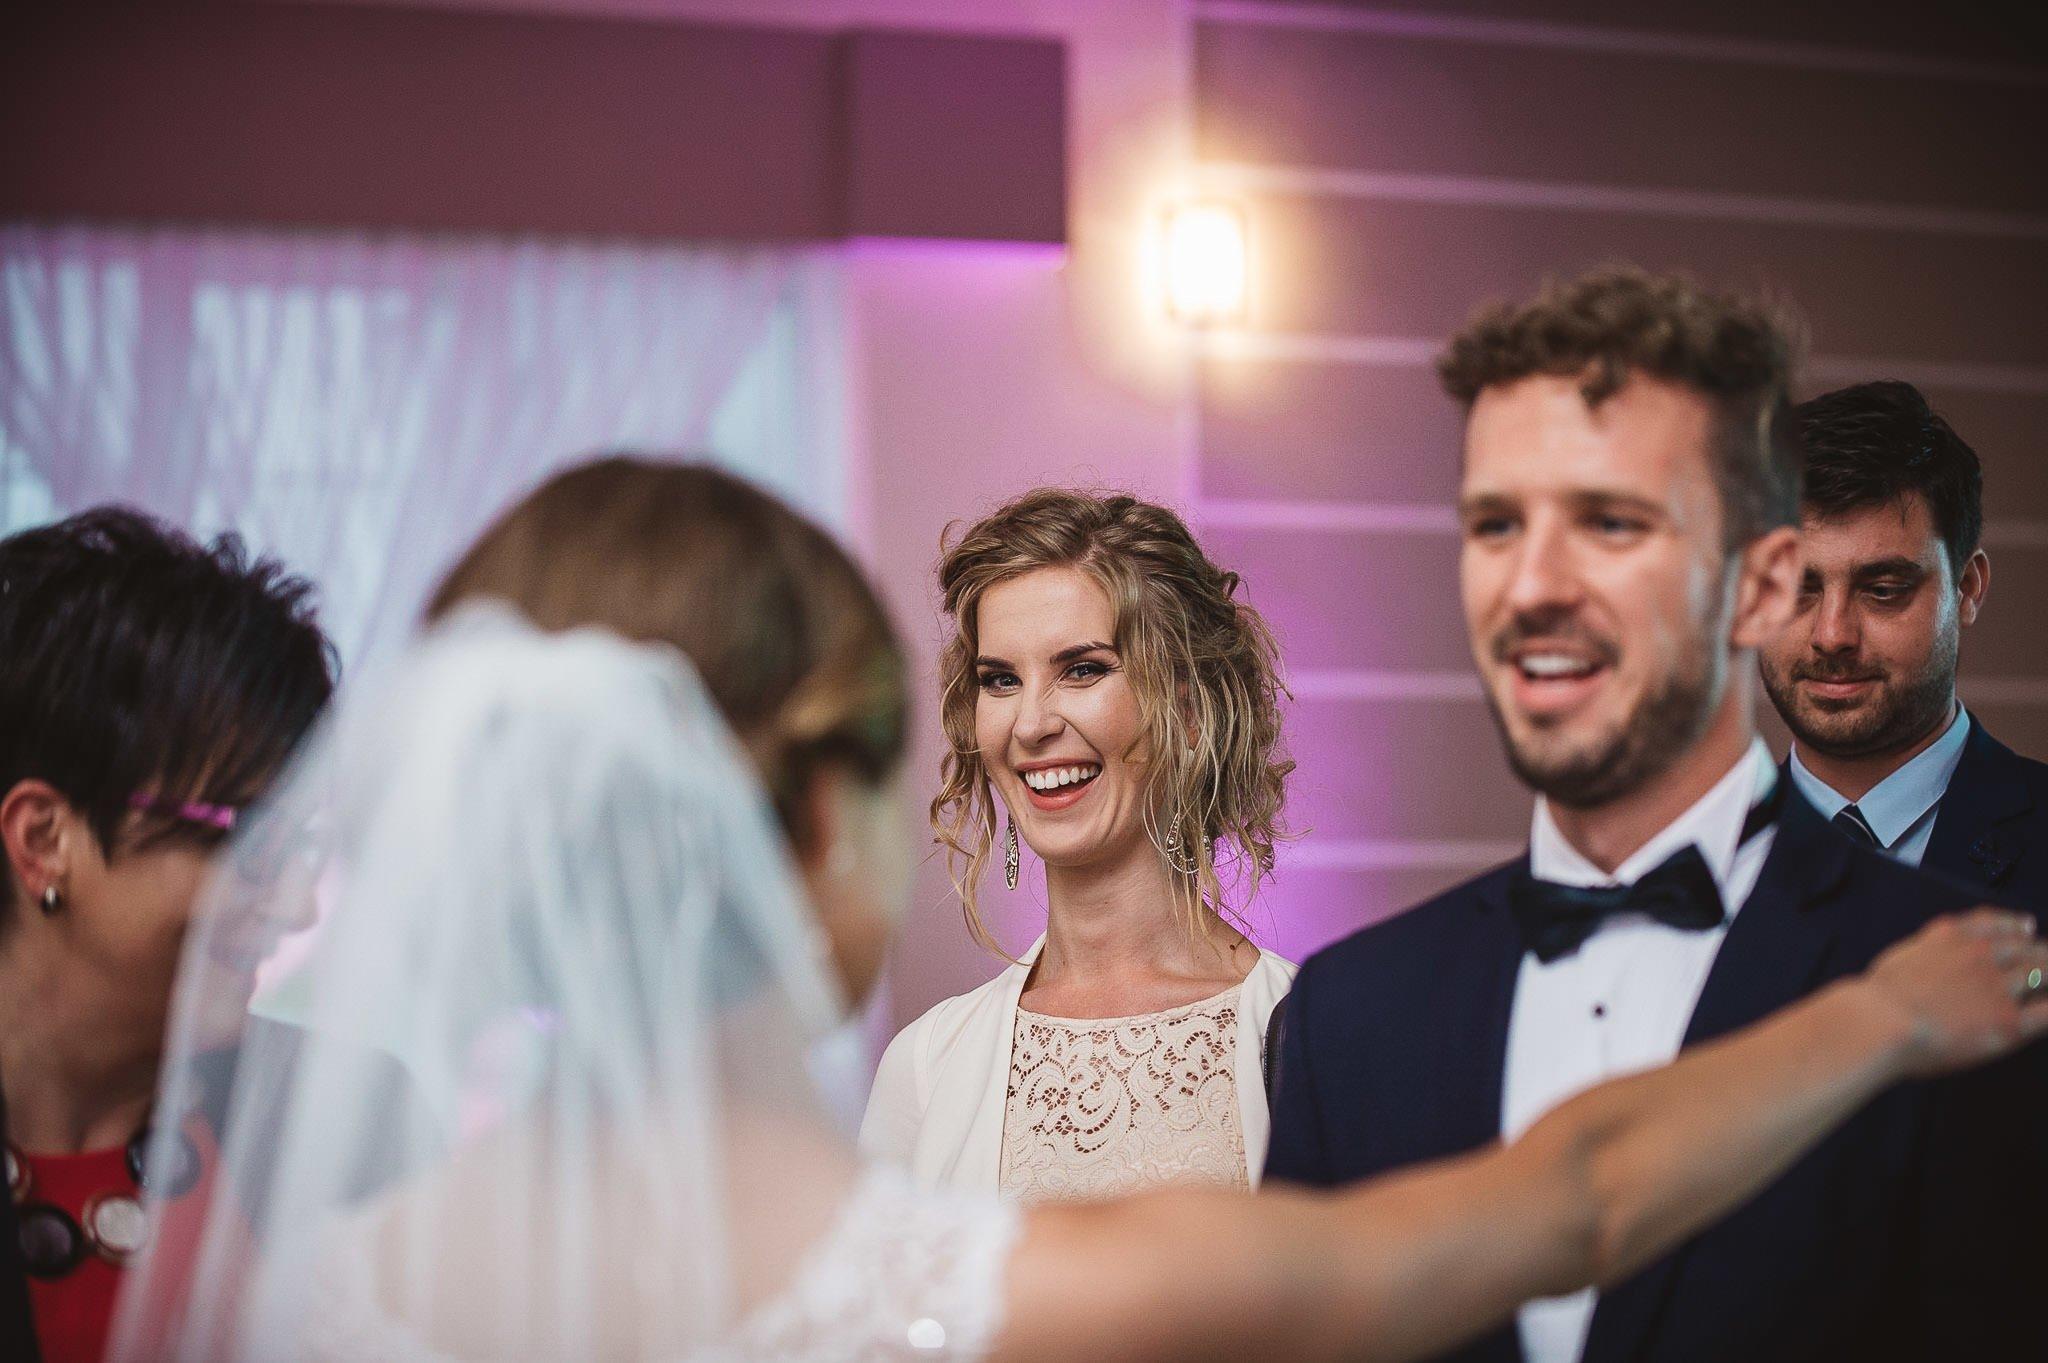 Monika i Michał, wesele w Paryżu i sesja plenerowa w stadninie koni w Czołowie 168